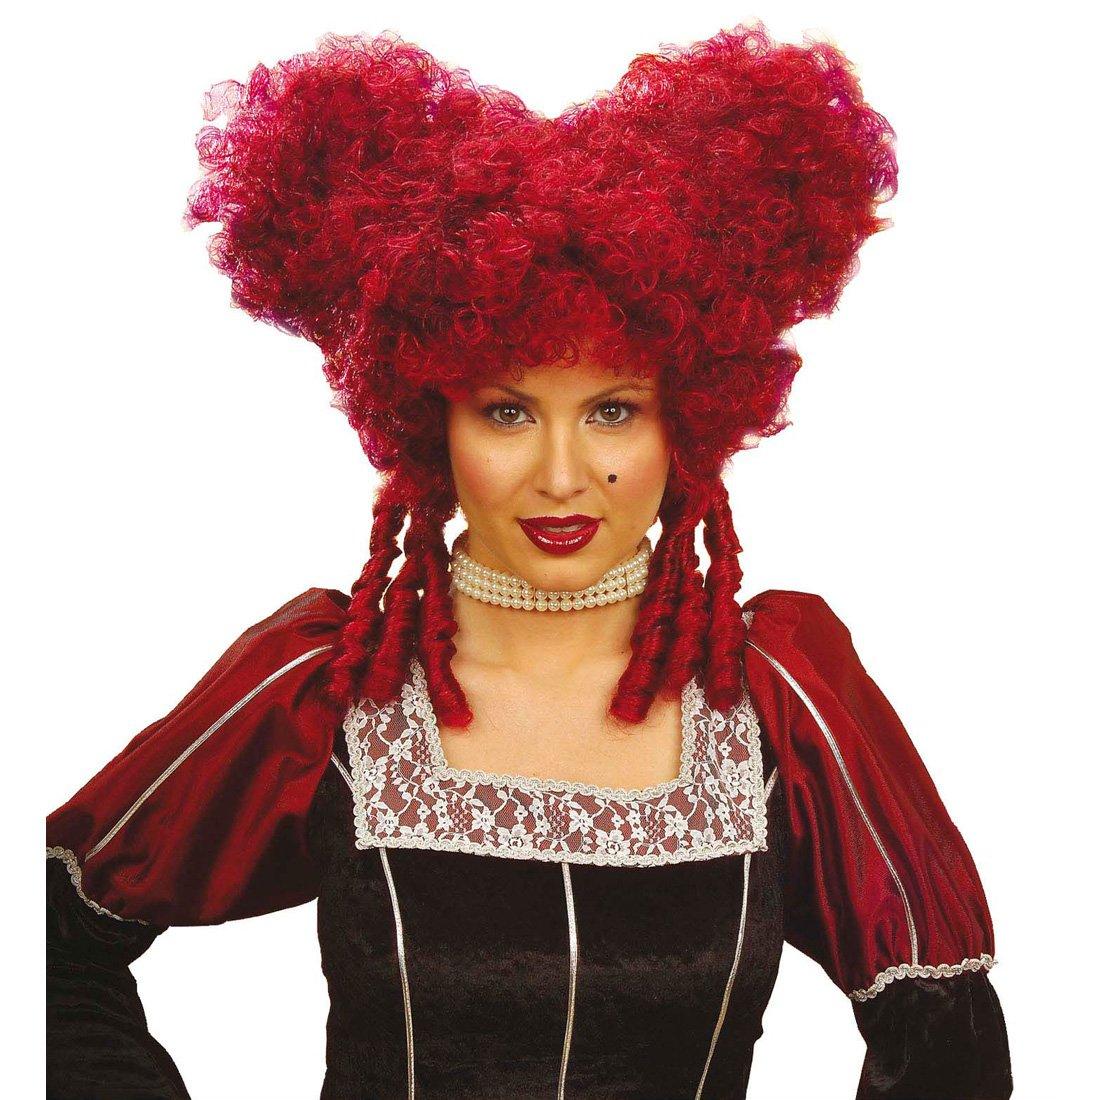 Clásico barroco rococó de la peluca para mujer rojo de la Edad media de carnaval de colour rojo: Amazon.es: Juguetes y juegos